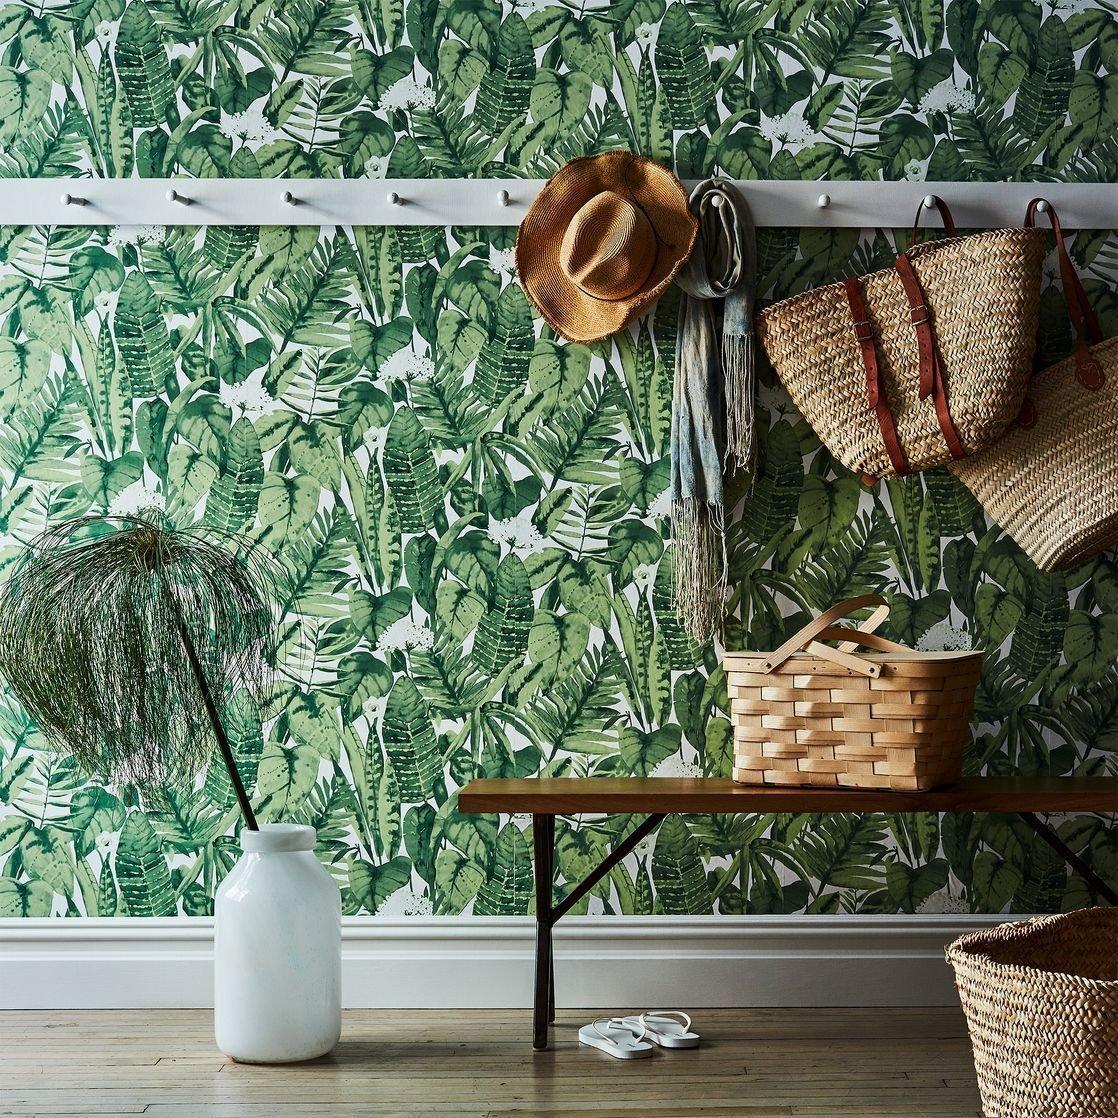 Photo 1 of 1 in Tempaper Self-Adhesive Wallpaper, Tropical Jungle